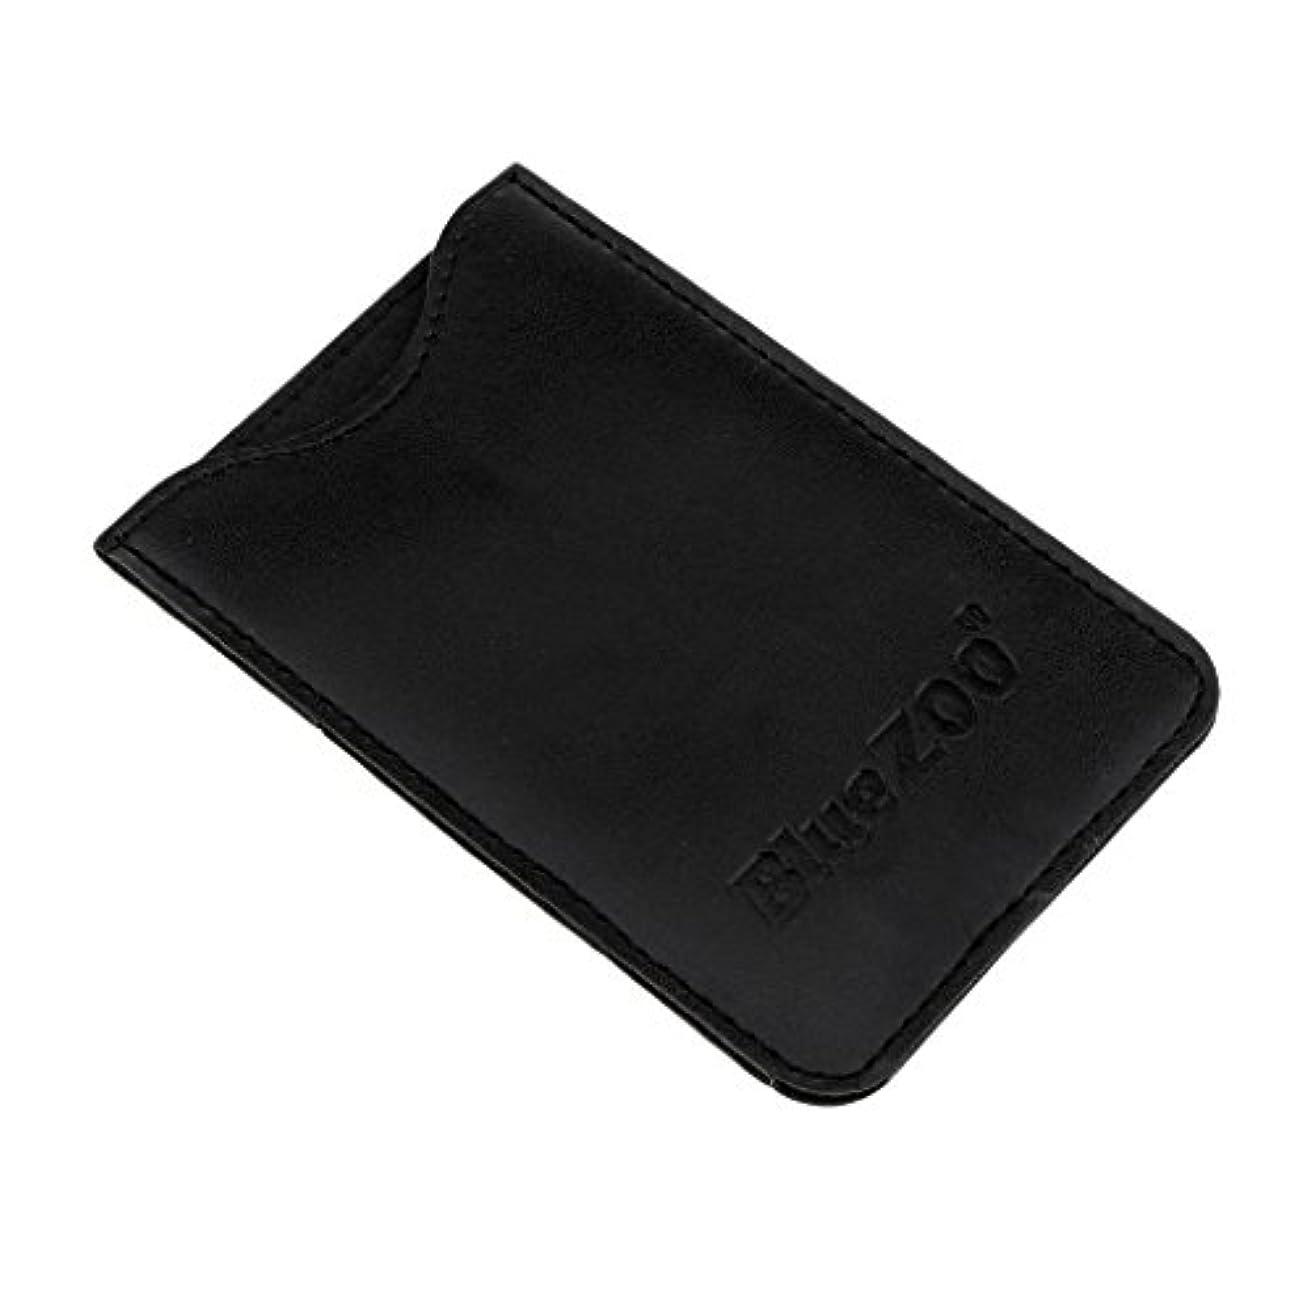 上回る増加する経験的PUレザー バッグ 収納ケース 保護カバー 櫛/名刺/IDカード/銀行カード 収納パック 便利 全2色 - ブラック